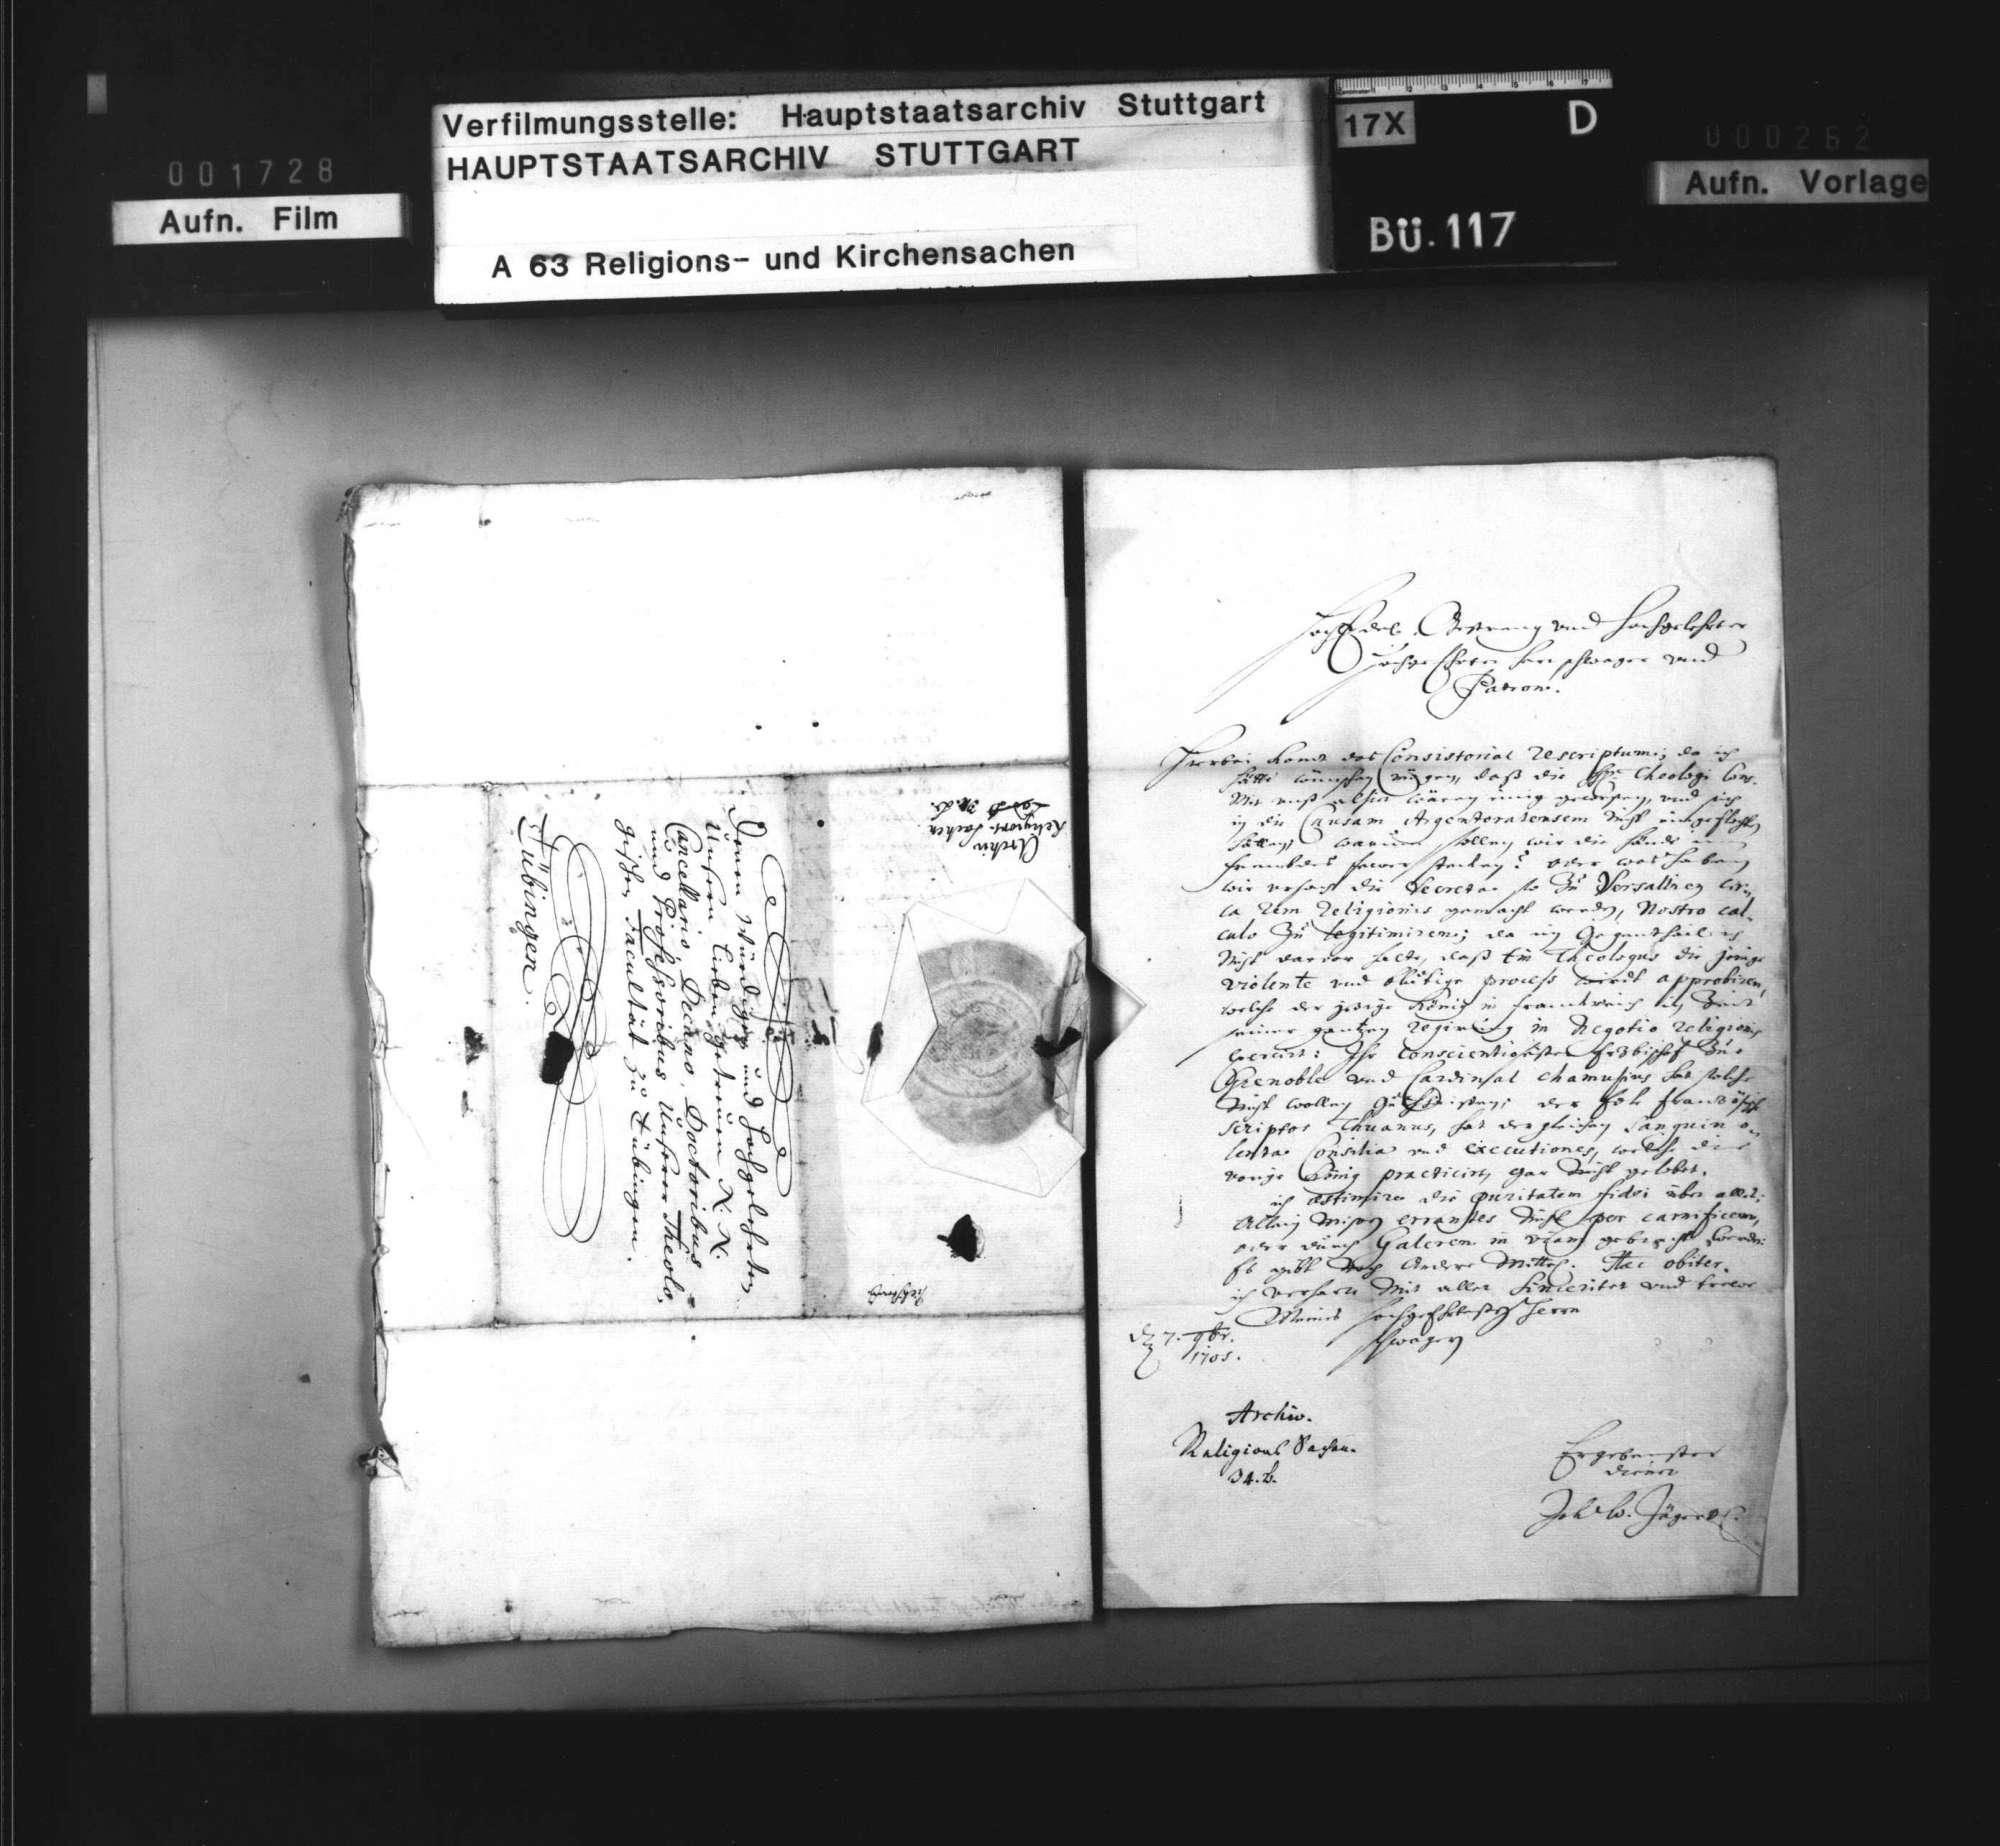 Degradierung des (dissentierenden) Straßburgischen Pfarrers Rödere.r, Bild 3